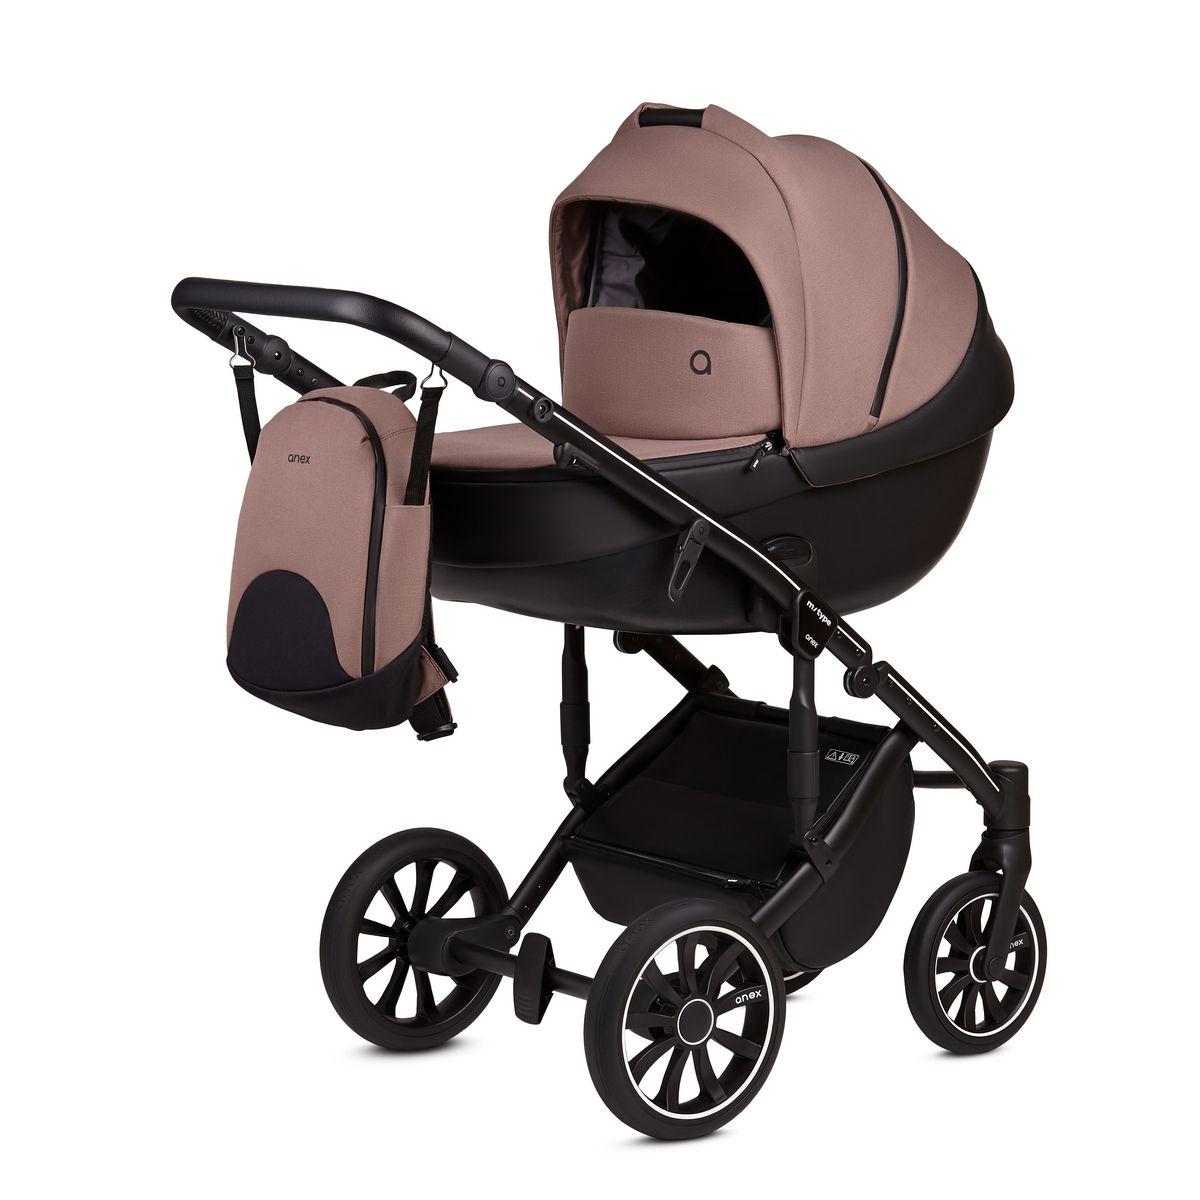 Детская Коляска ANEX m/type 3 в 1 (Розовый/черный)